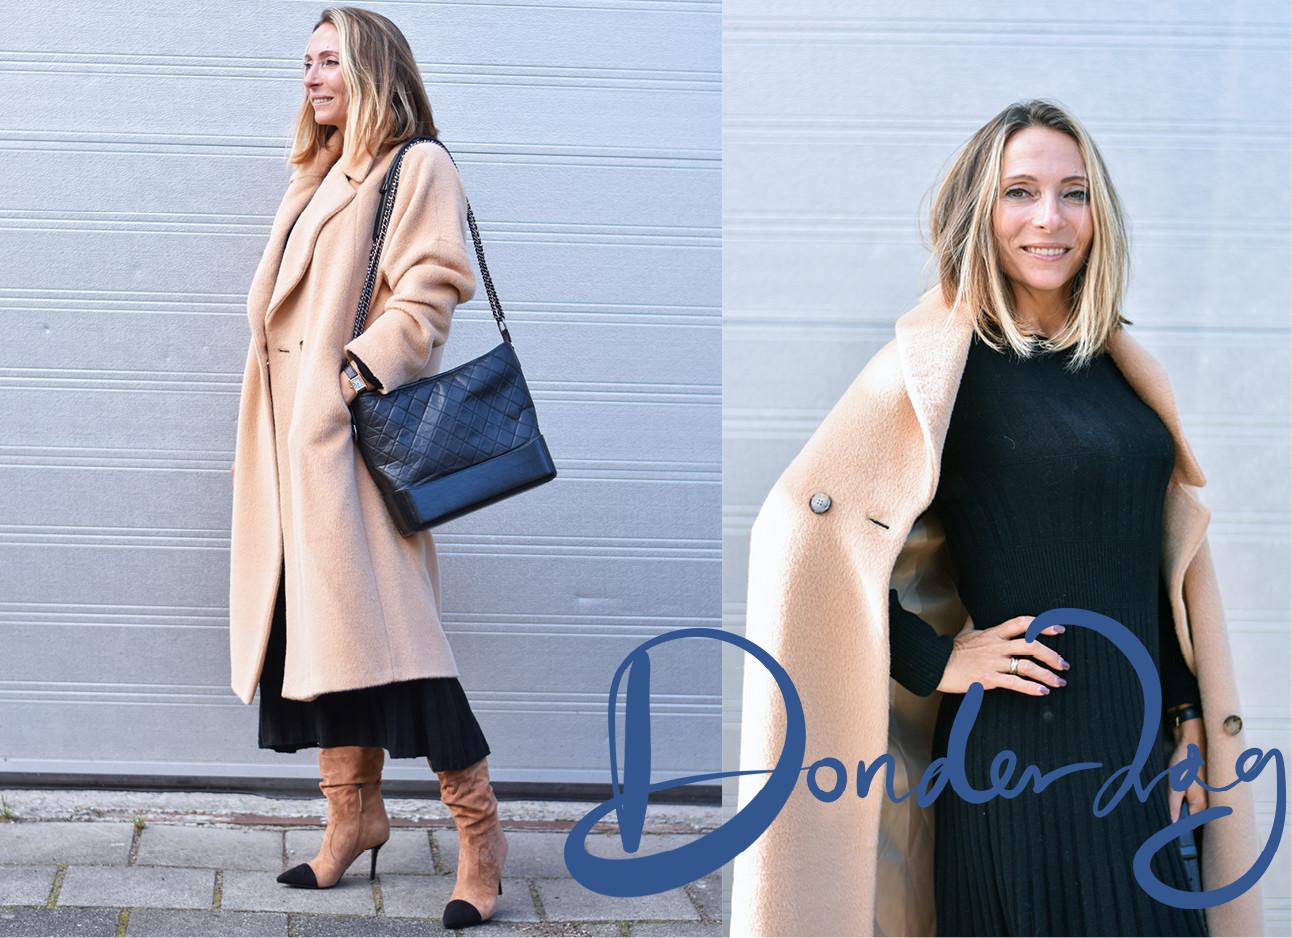 May die een licht bruine jas draagt met daaronder een blauw jurk met bruine laarsjes, ze staan voor een lichtblauwe muur